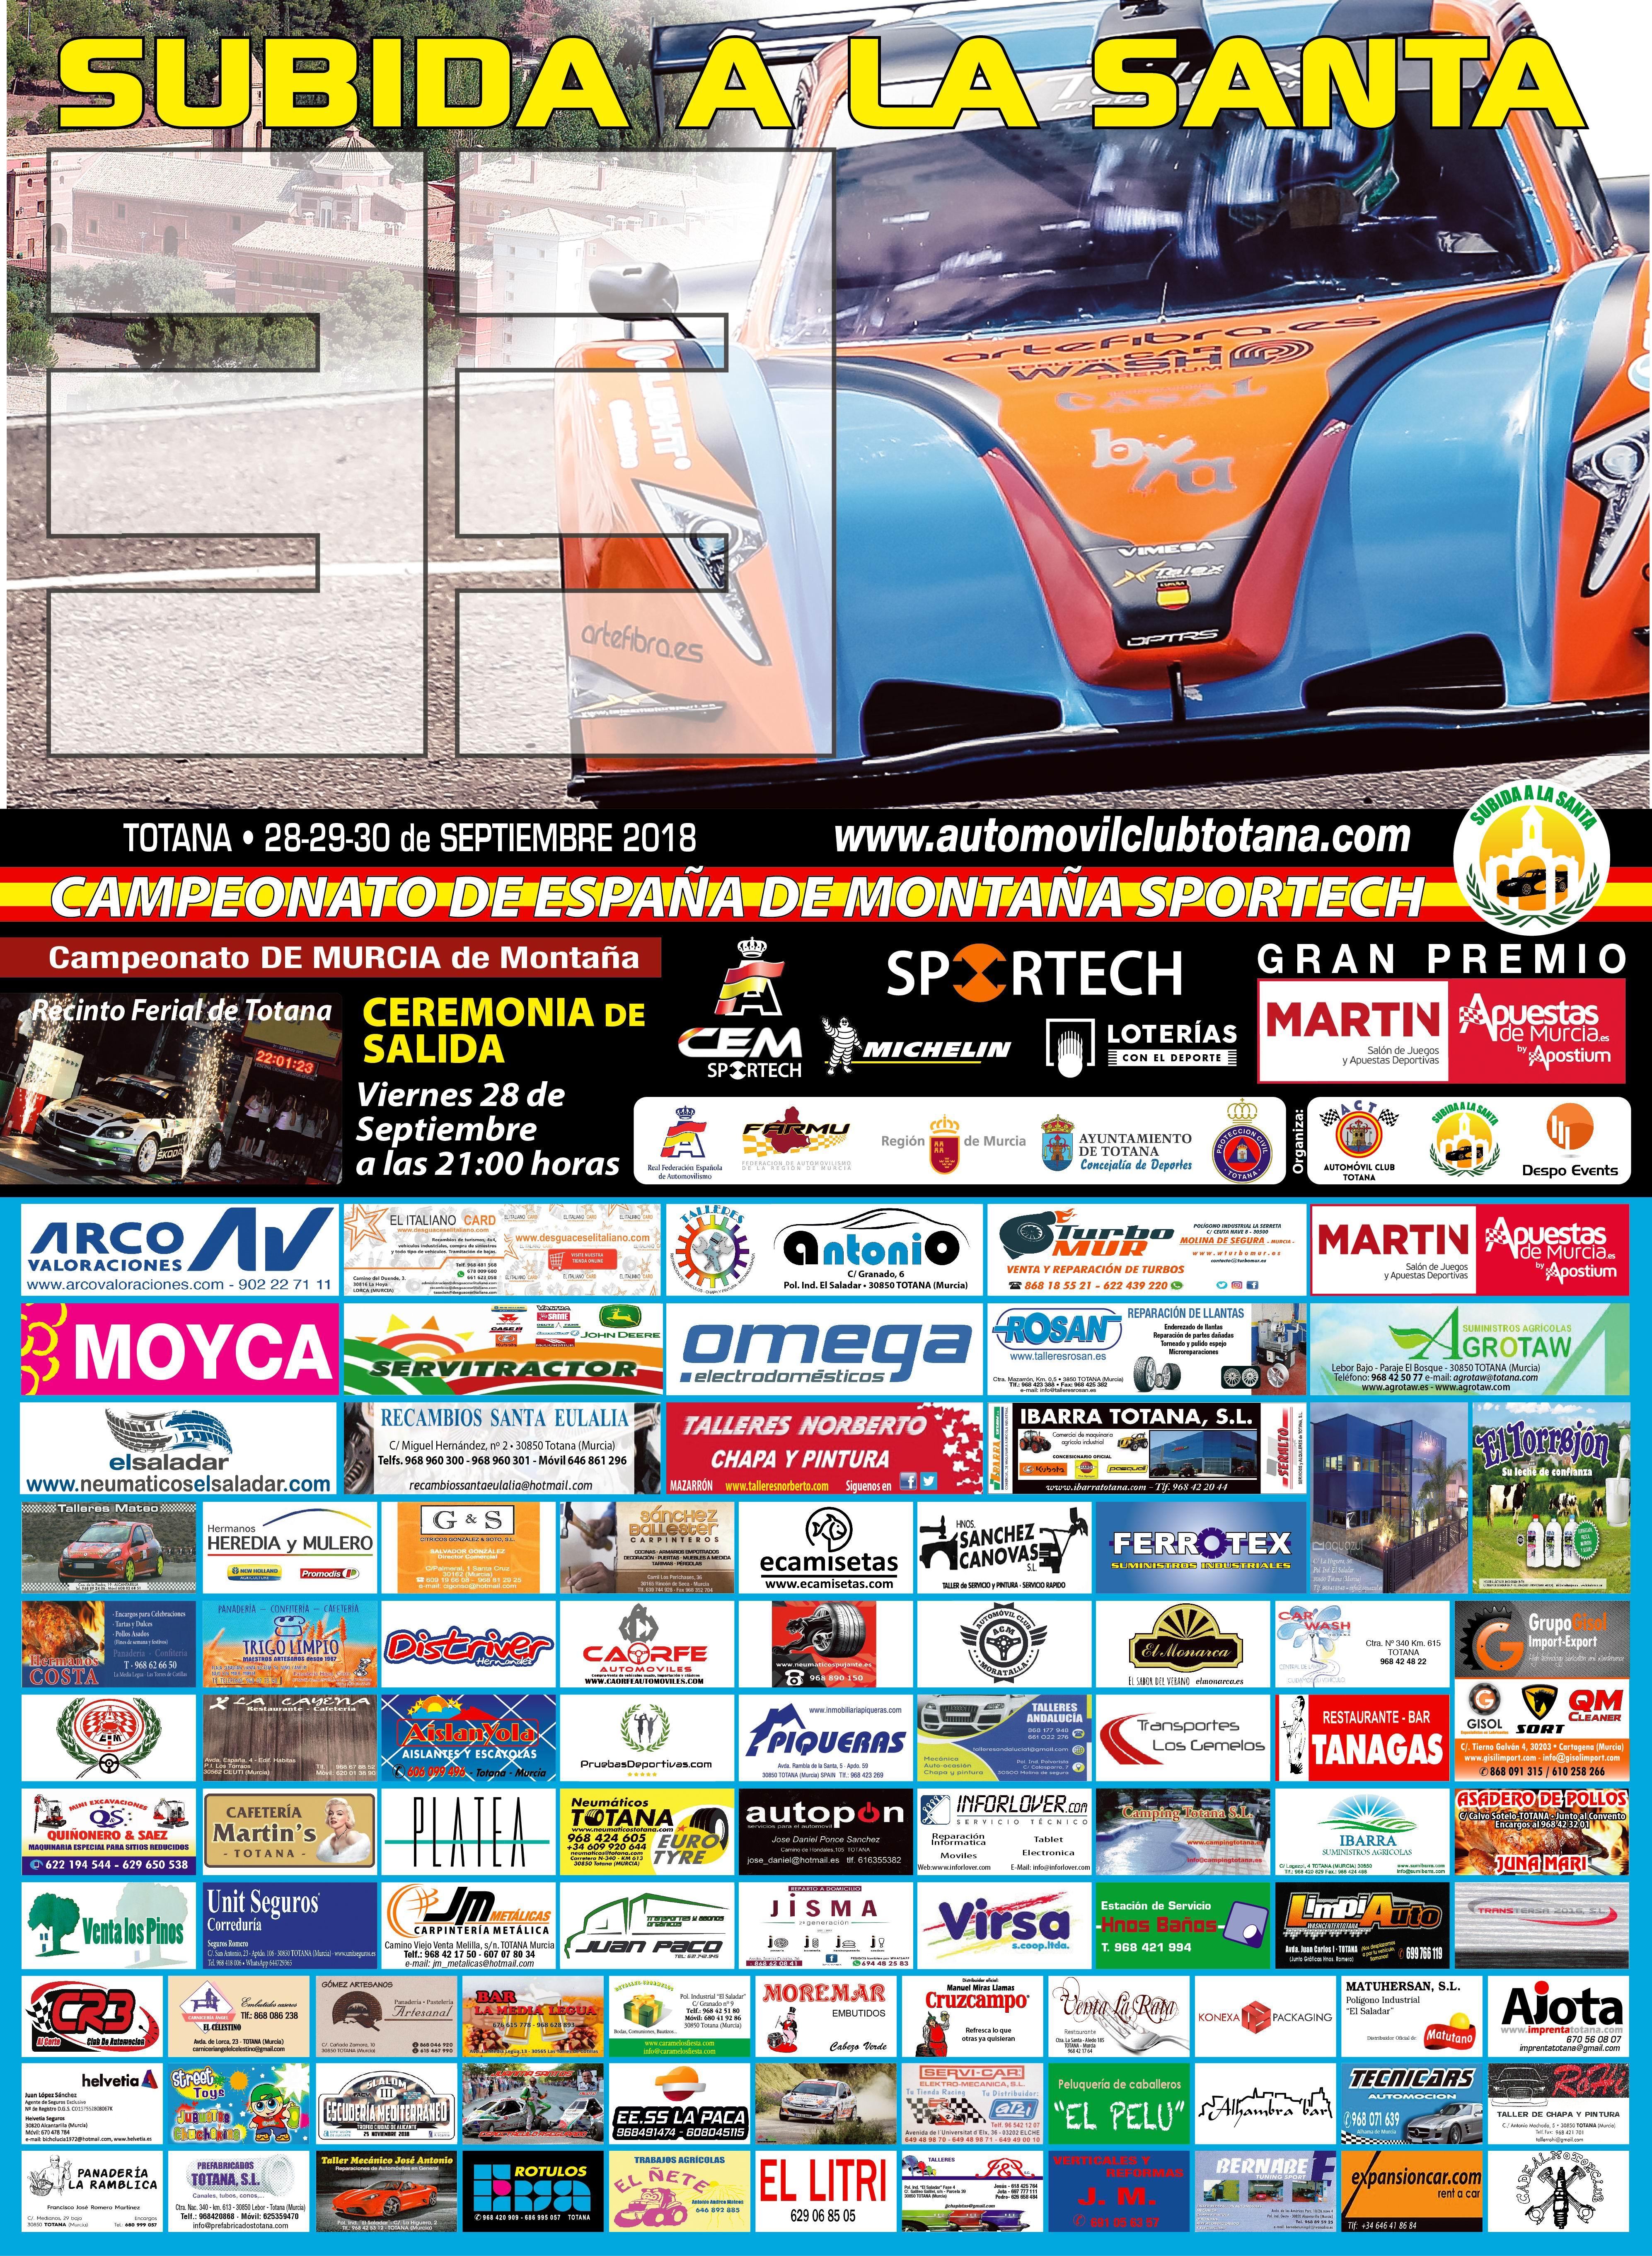 Campeonatos de Montaña Nacionales e Internacionales (FIA European Hillclimb, Berg Cup, MSA British Hillclimb, CIVM...) - Página 20 Cartel